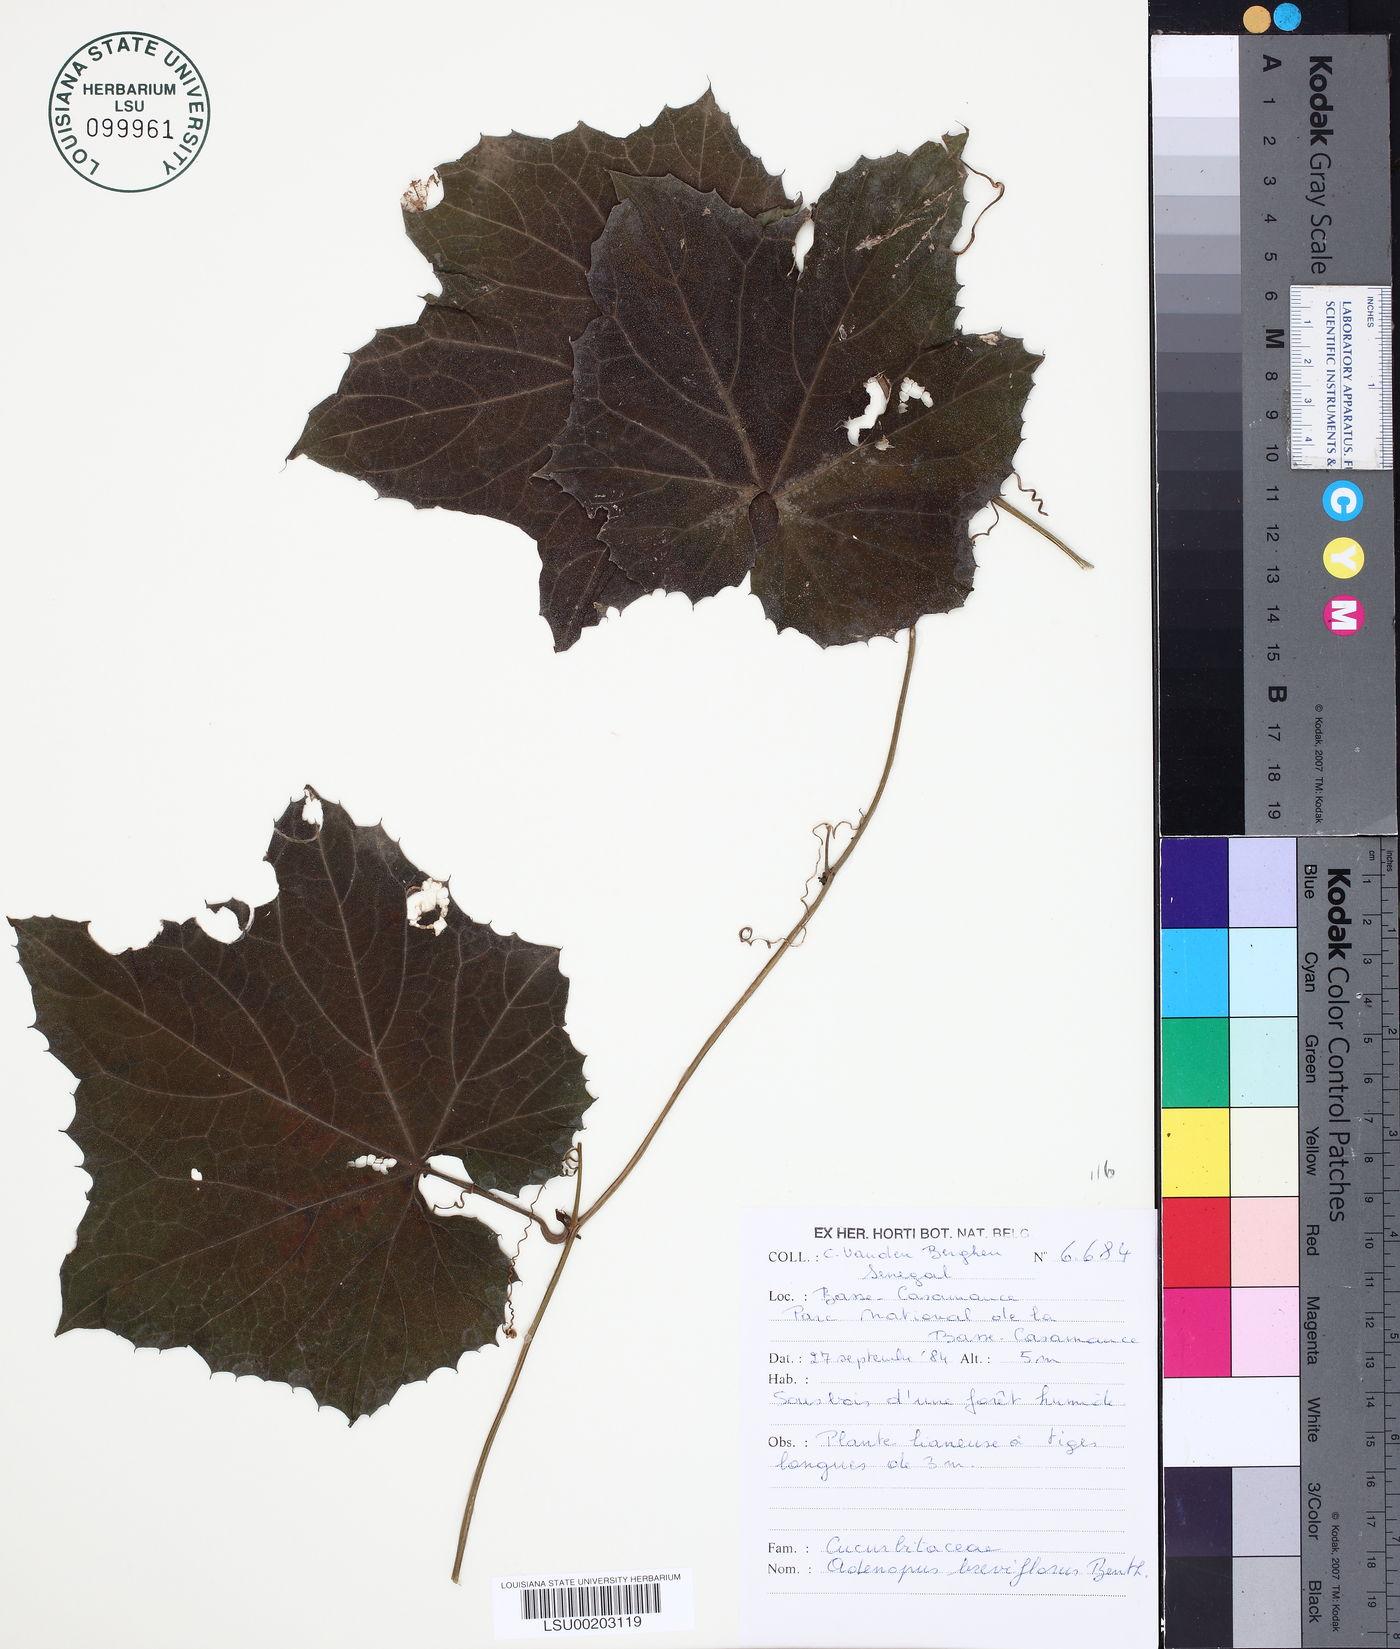 Adenopus breviflorus image